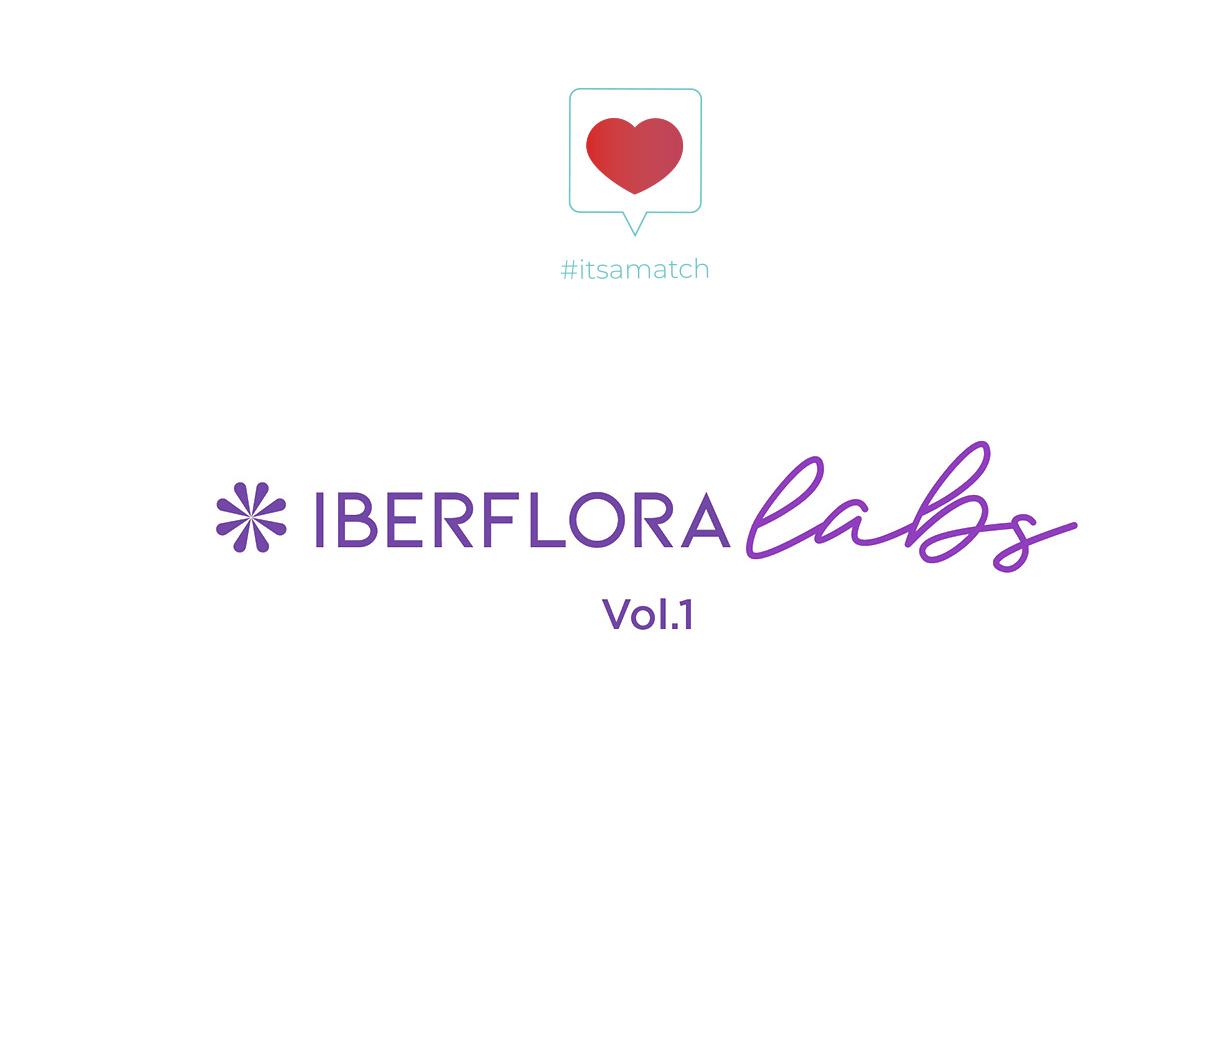 logotipo iberflora labs